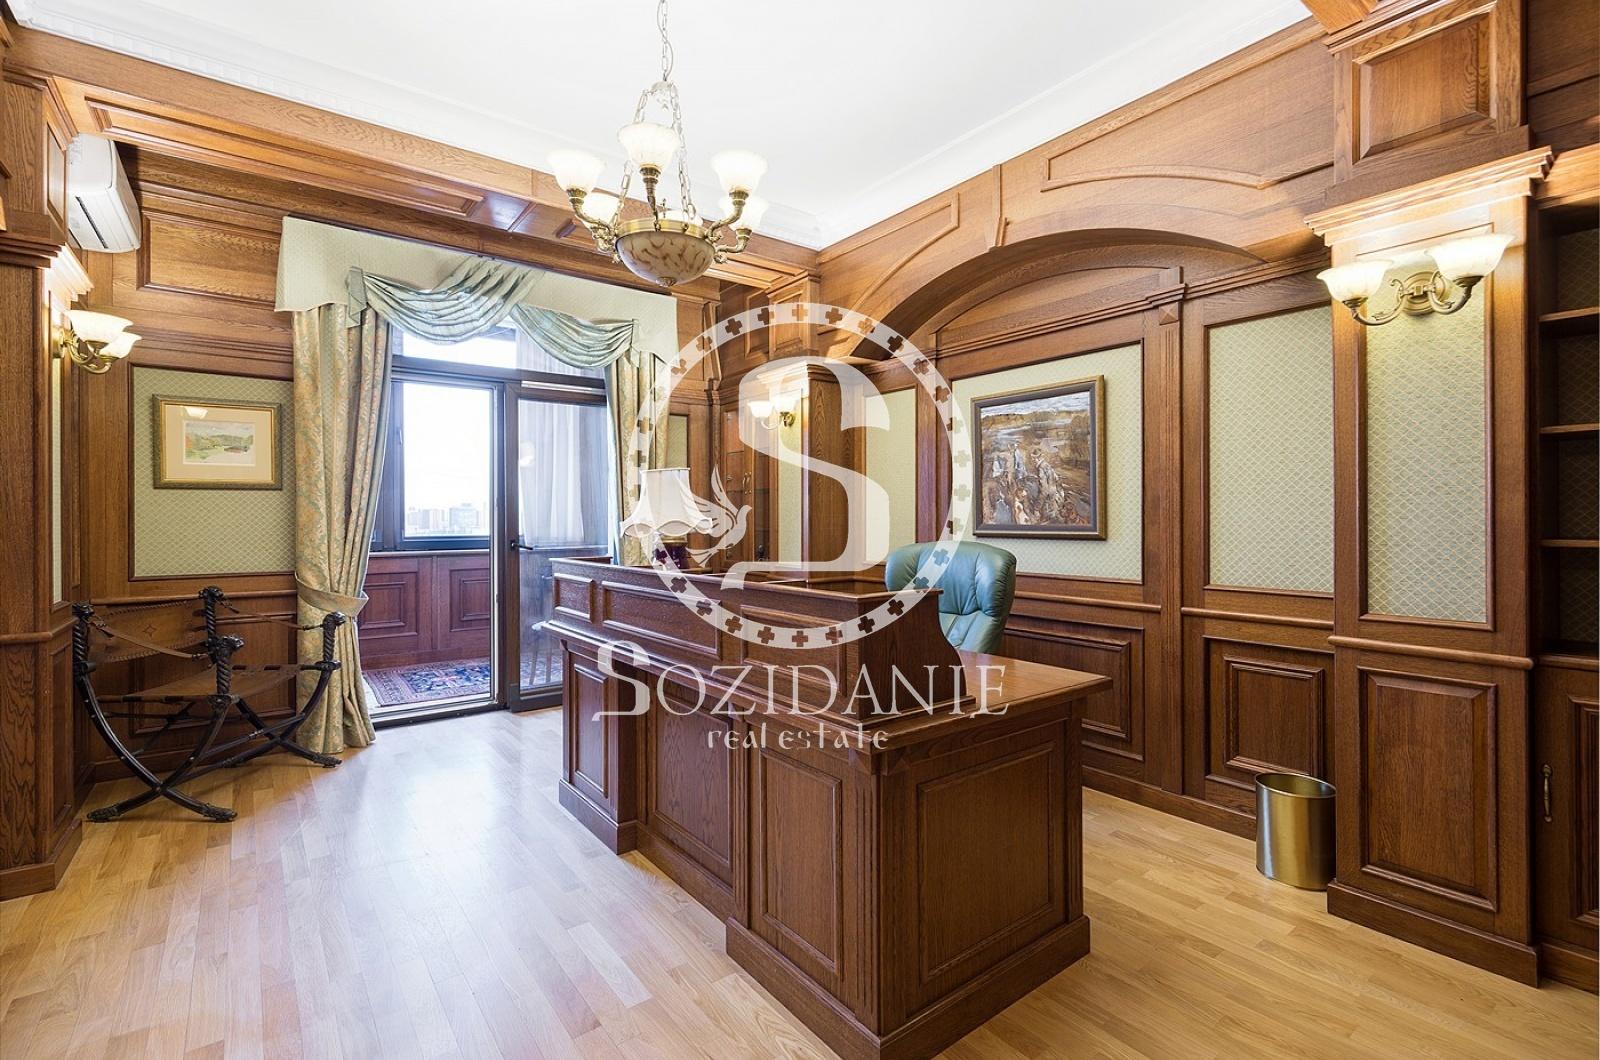 10 Комнаты, Городская, Продажа, Мичуринский проспект, Listing ID 1307, Москва, Россия,